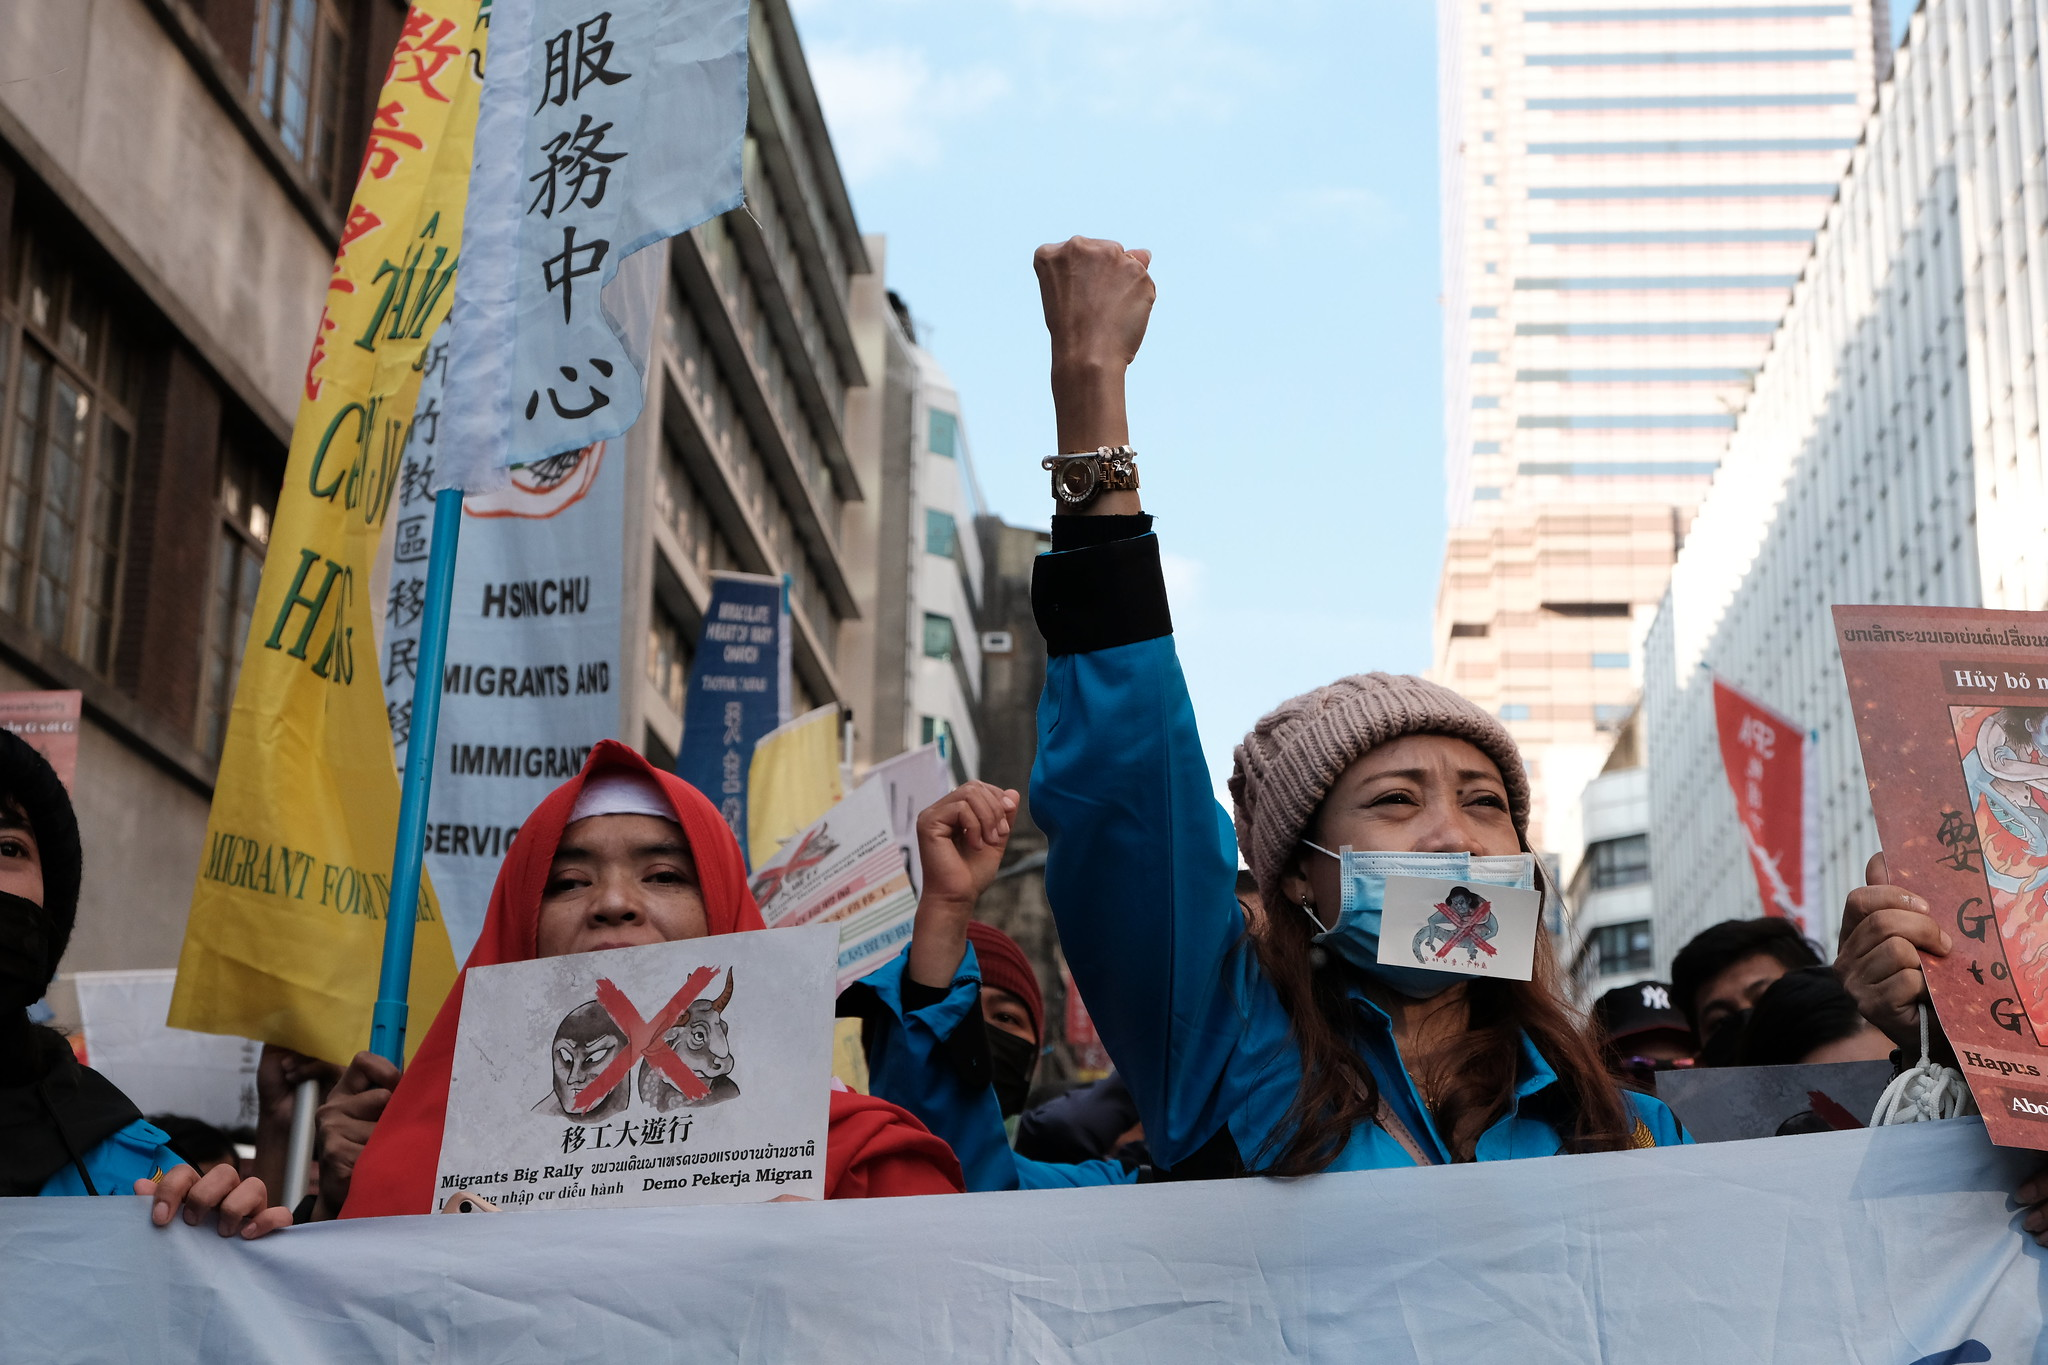 參與者於勞動部前高喊「G2G」。(攝影:唐佐欣)